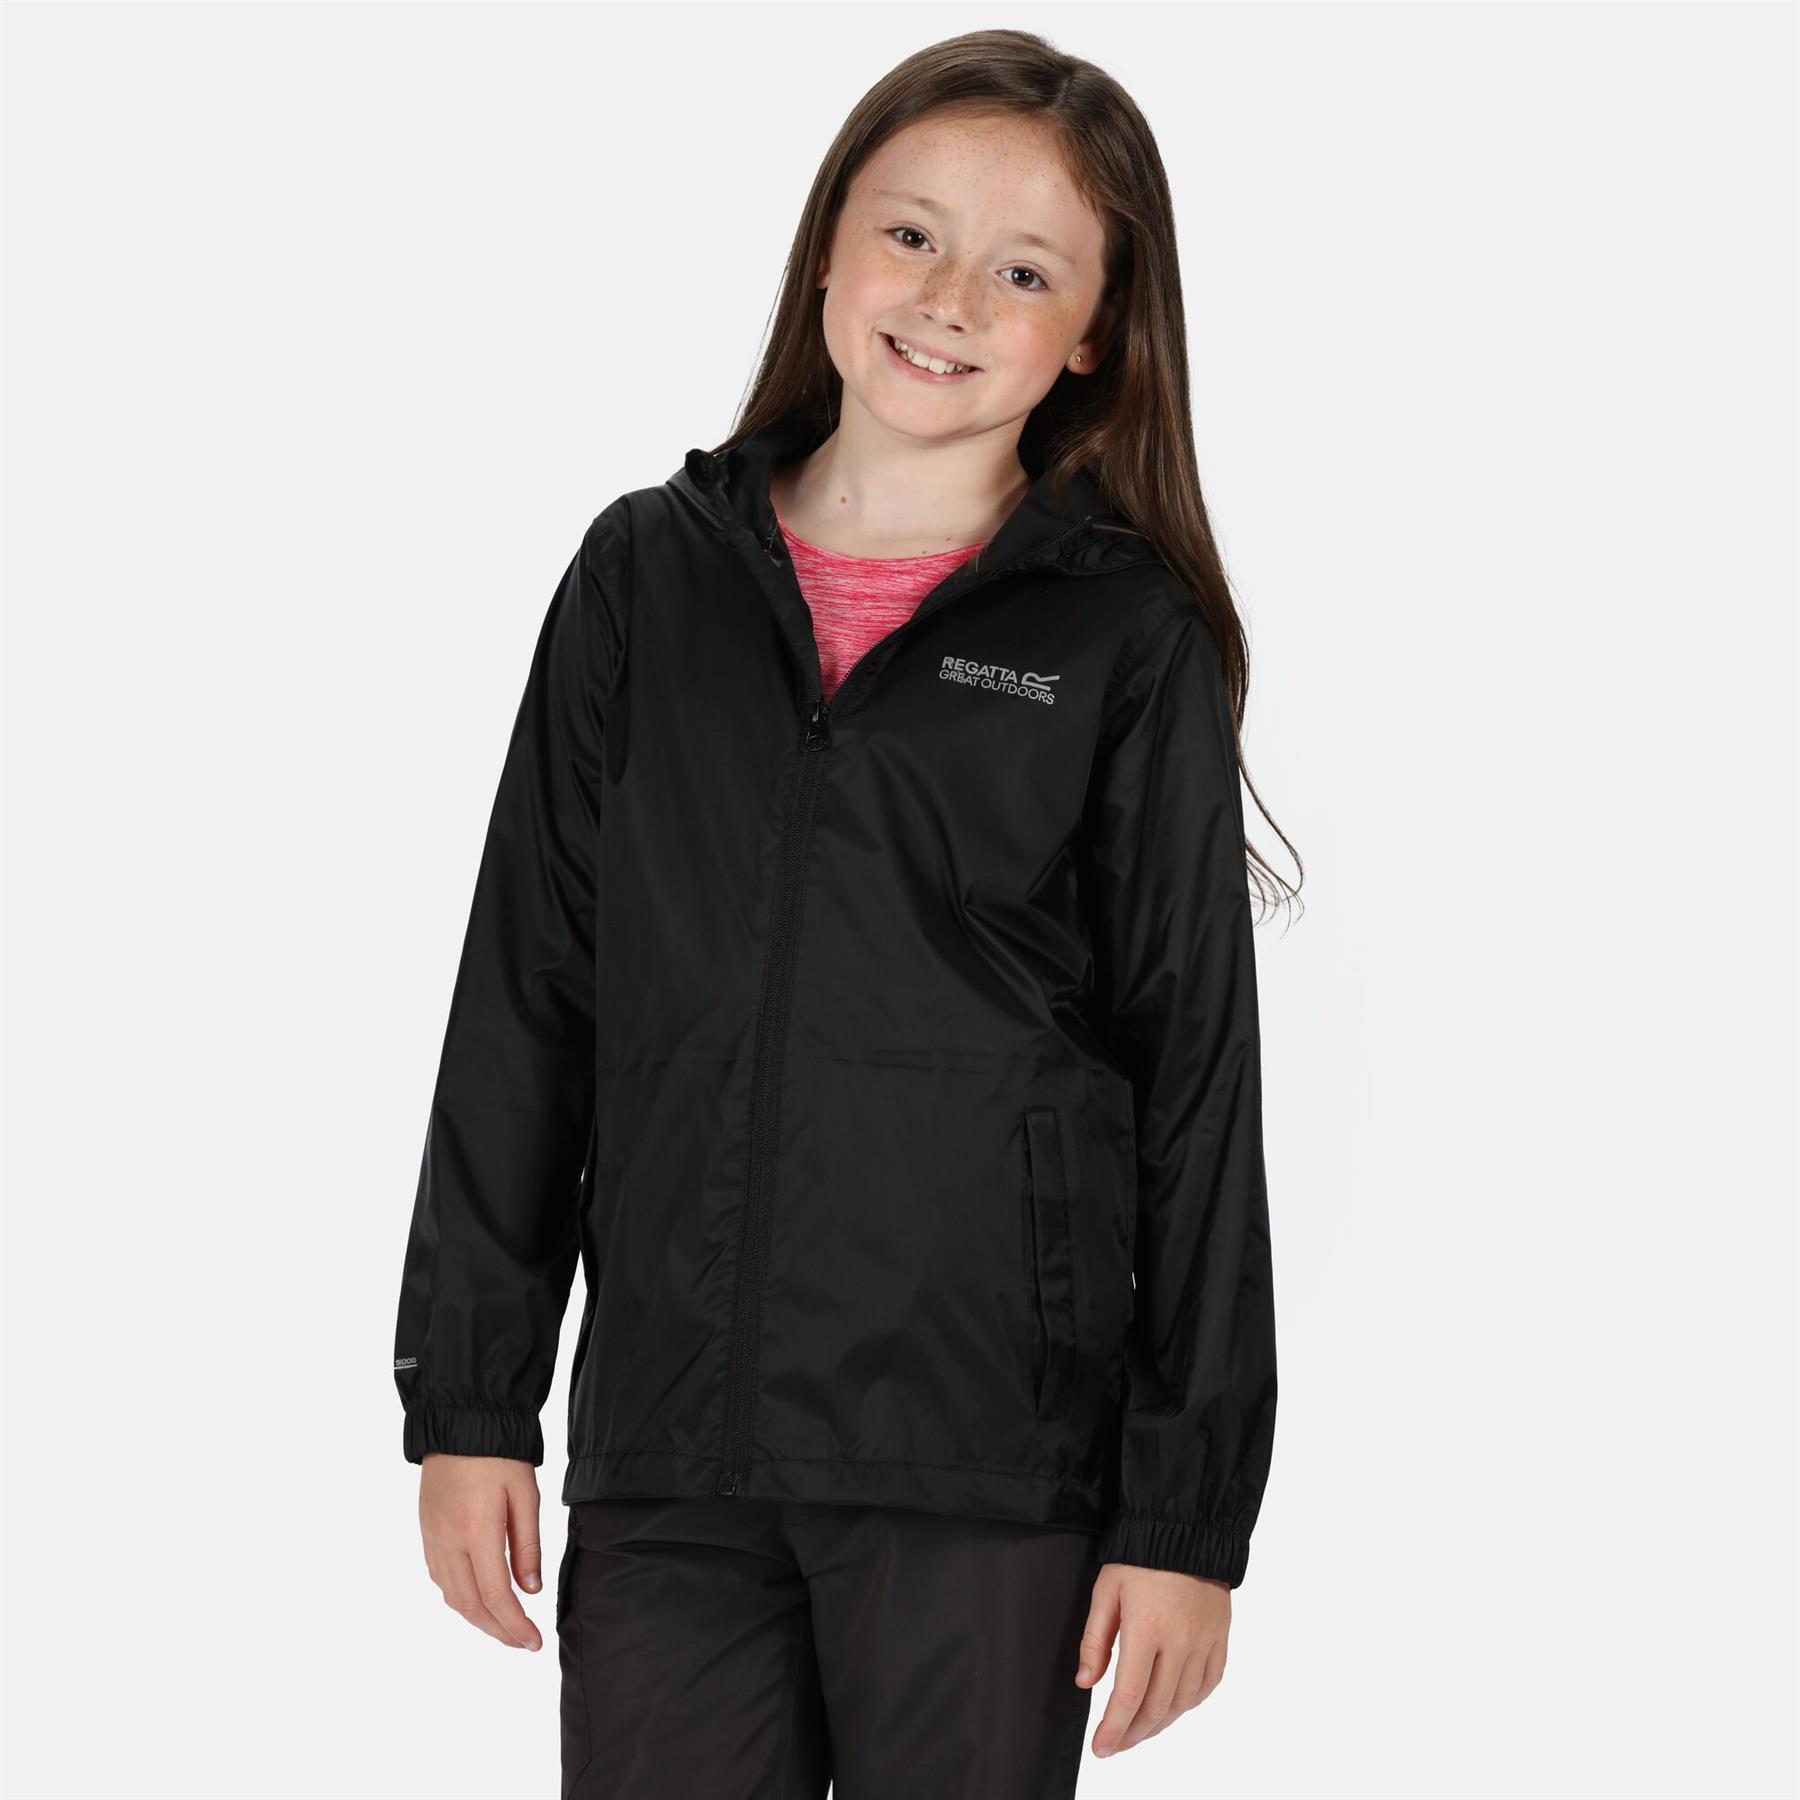 miniatuur 13 - Regatta Kids Pack it Jacket II Lightweight Waterproof Packaway Jacket Boys Girls